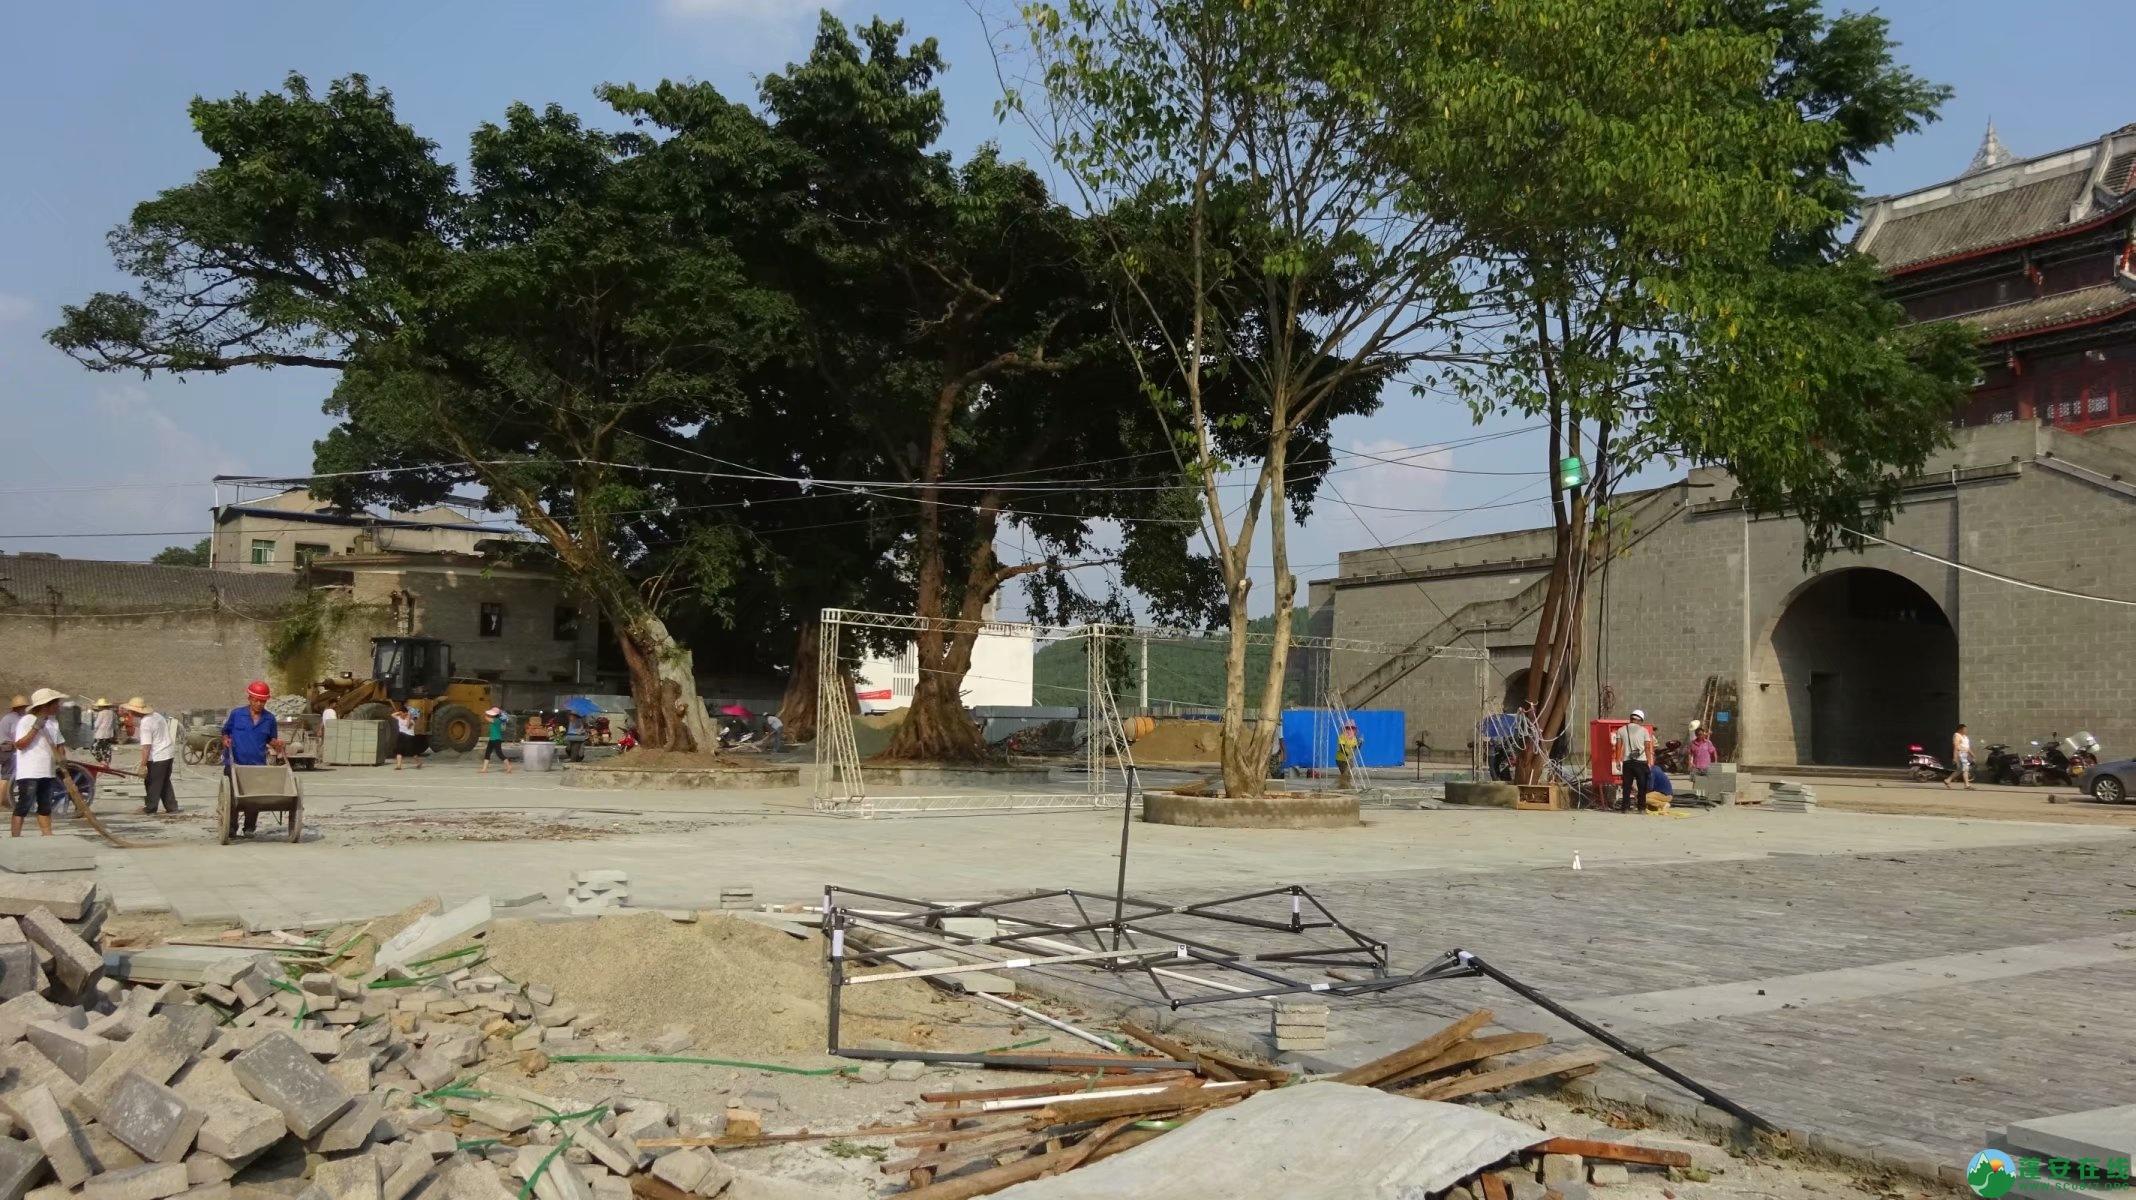 蓬安锦屏相如故城建设迅猛 - 第76张  | 蓬安在线